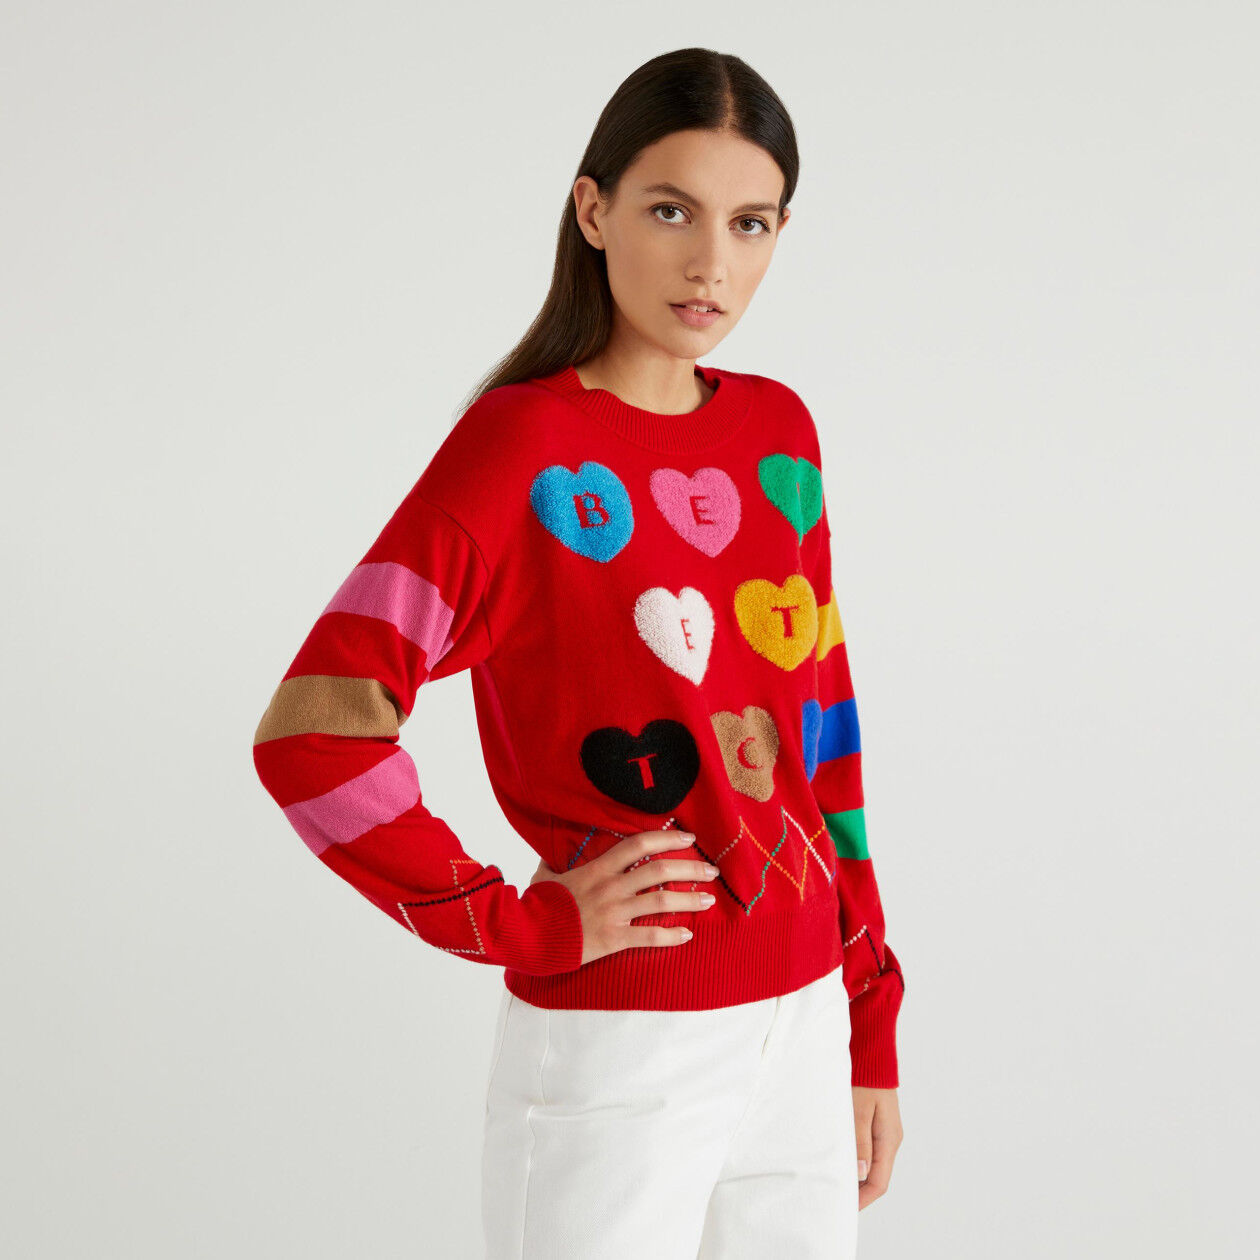 Jersey con grabados y corazones